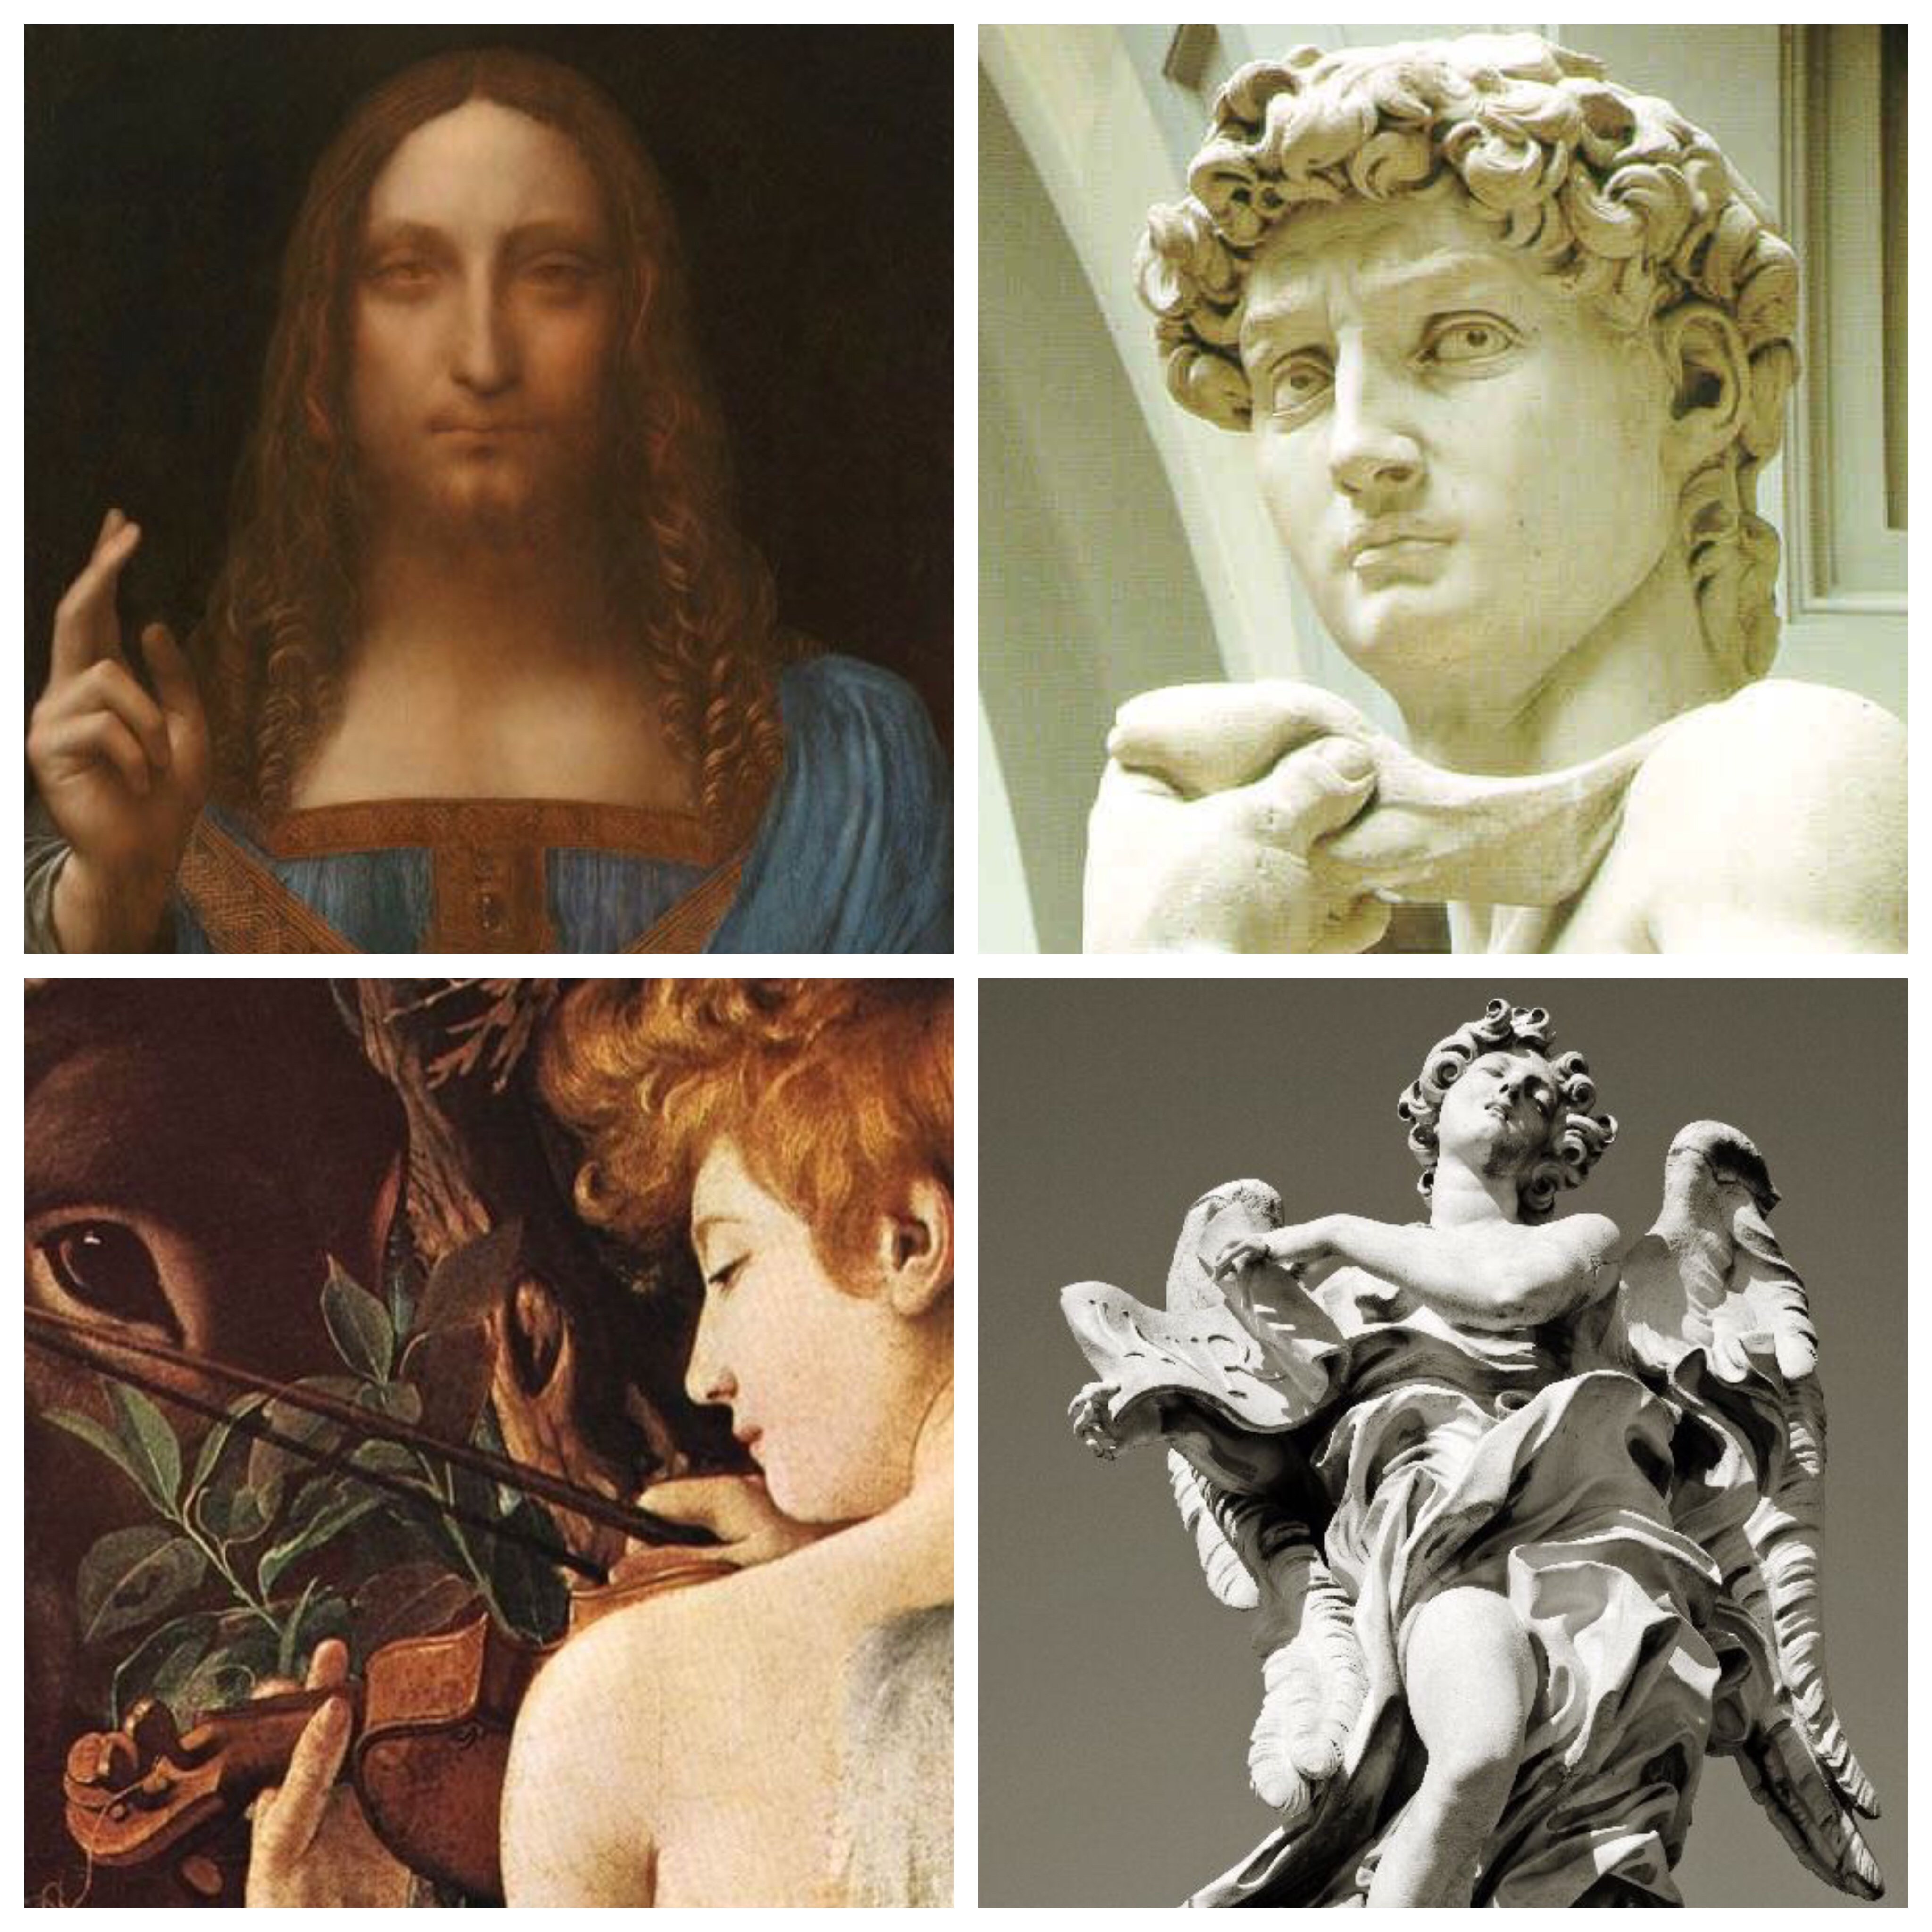 L'immagina raffigura il Salvador Mundi - Leonardo, David - Michelangelo, Fuga in Egitto (dettaglio) Caravaggio, Angelo - Bernini